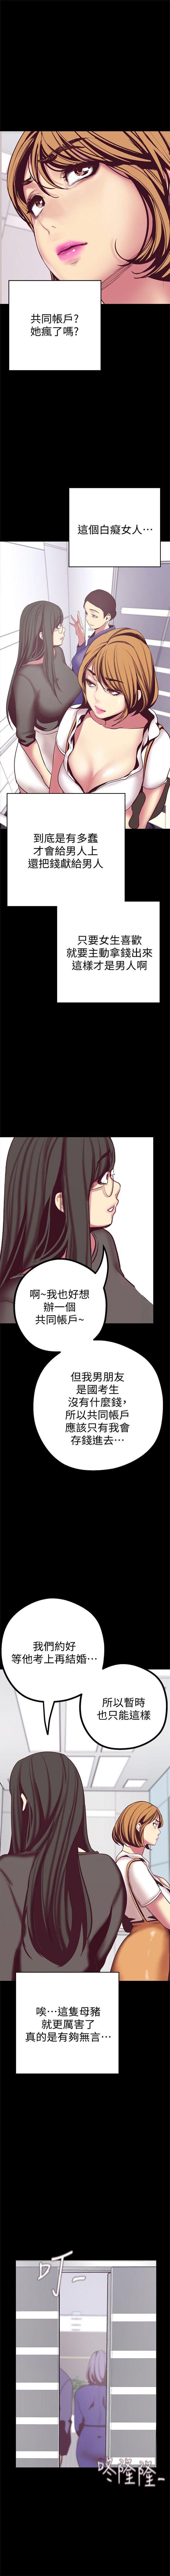 (週1)美麗新世界 1-70 中文翻譯 (更新中) 149